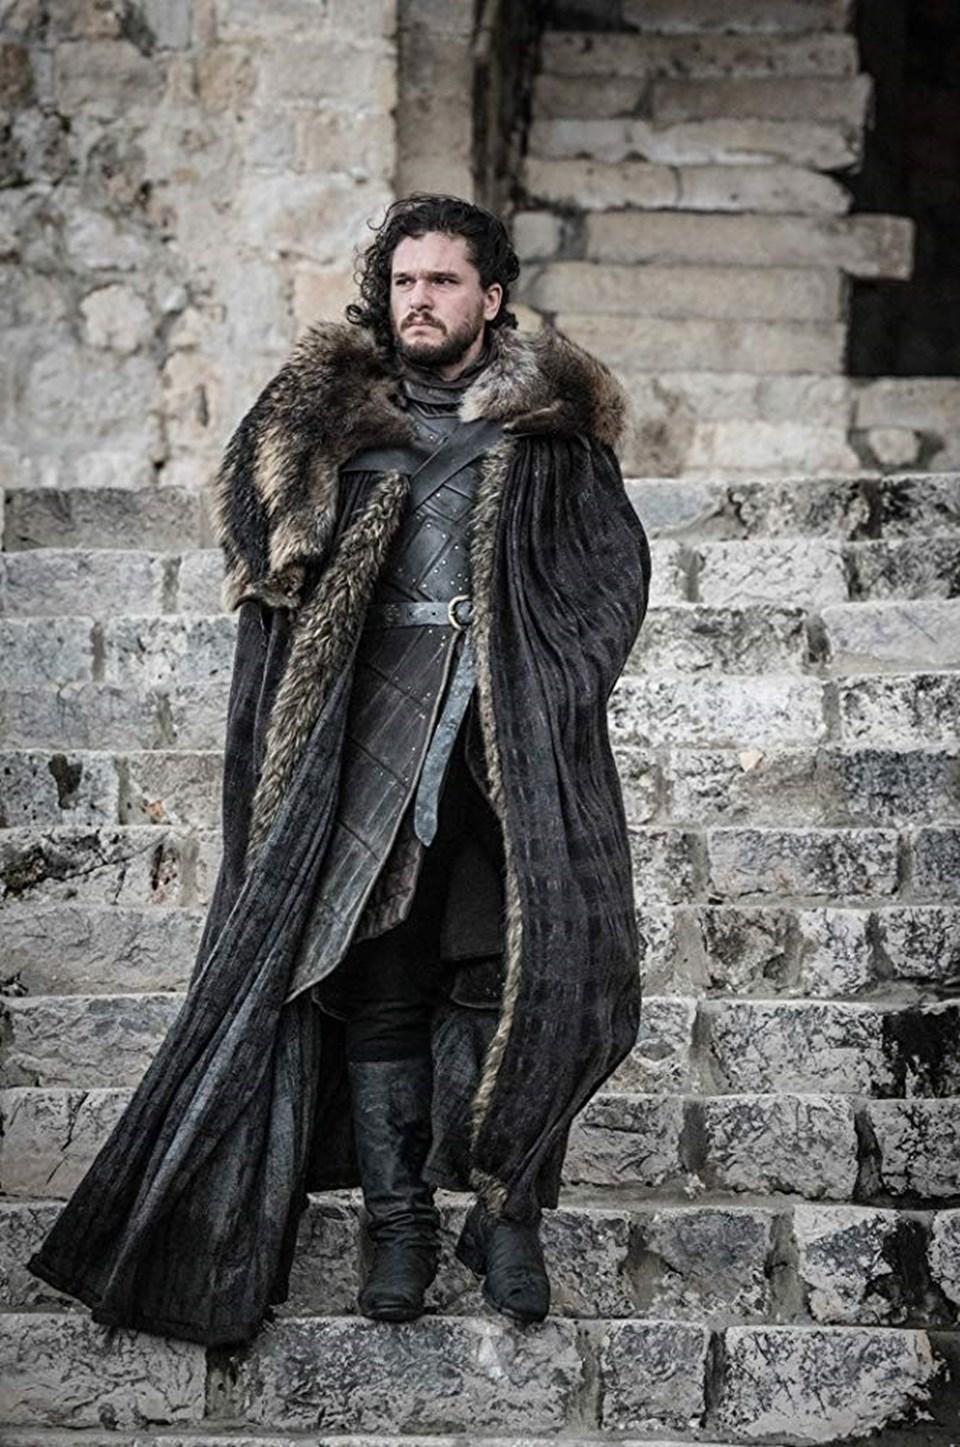 İngiliz oyuncu, filmde fizikçi Dane Whitman ve onun süper kahraman kişiliği Black Knight'ı (Kara Şövalye) canlandırıyor